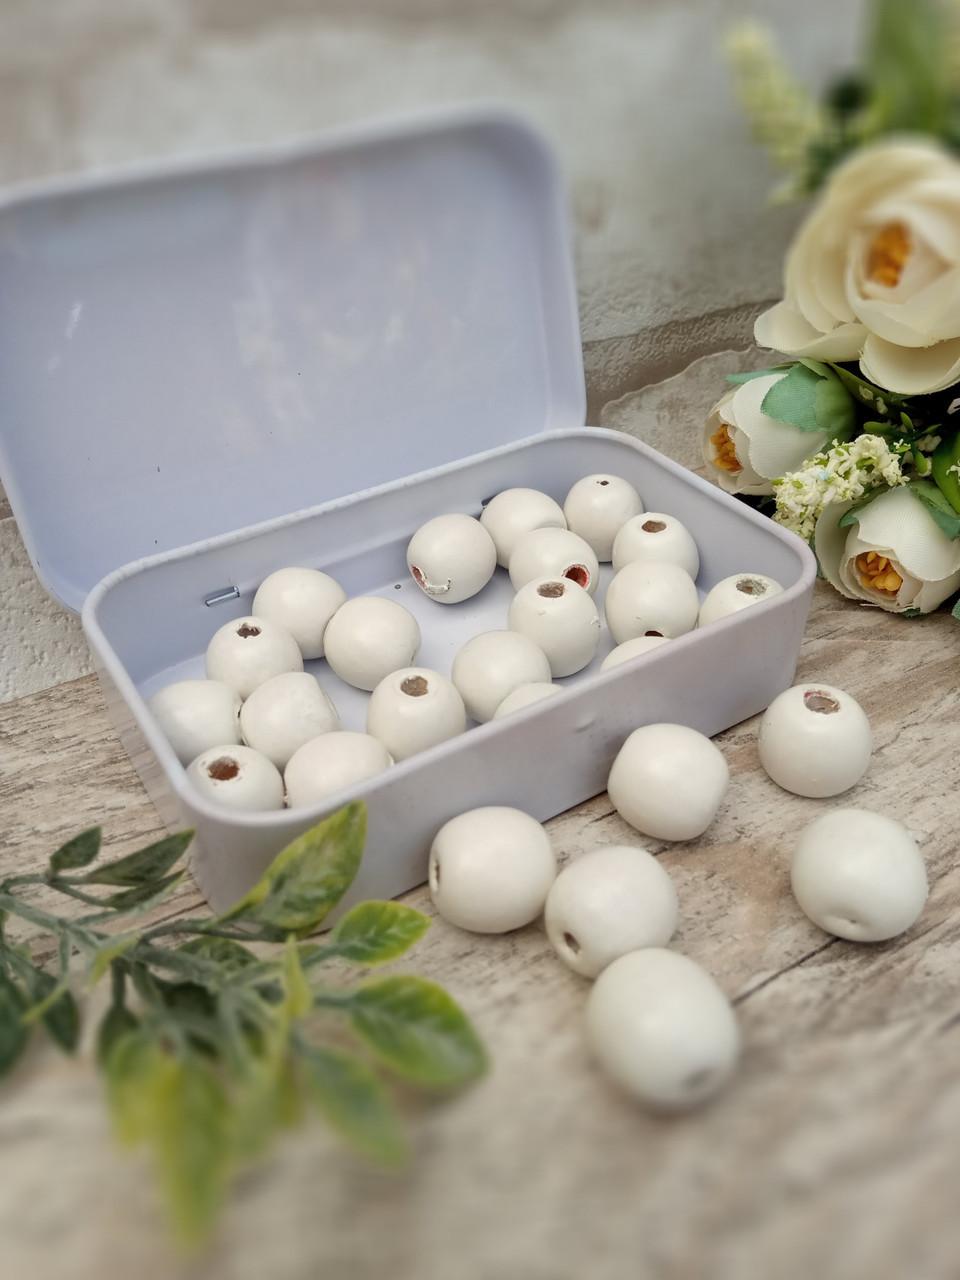 Білі бусіни з дерева, діаметр 1,3 см, 25 шт/уп 15 грн